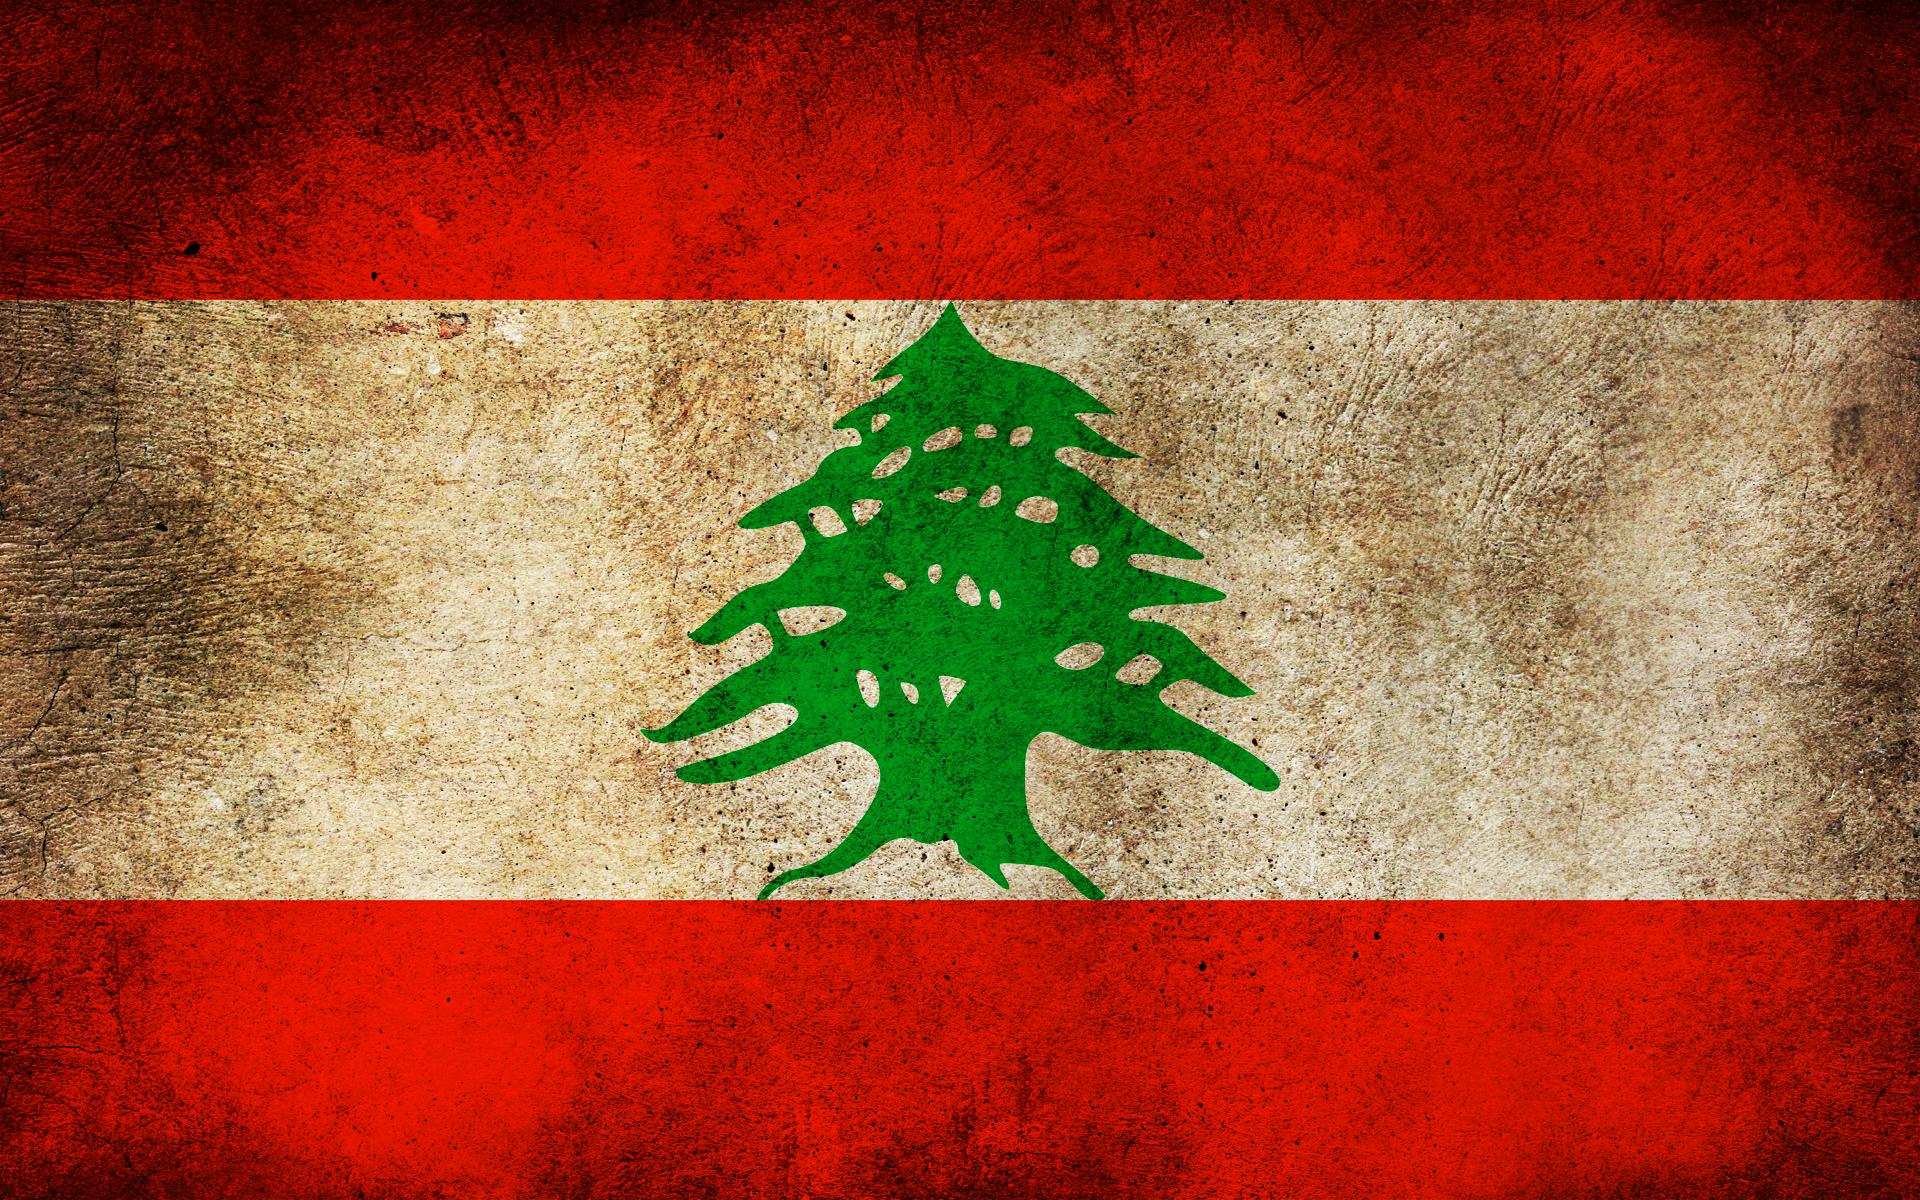 imagenes de banderas hd37 200 Imágenes de Banderas en HD (Wallpapers)